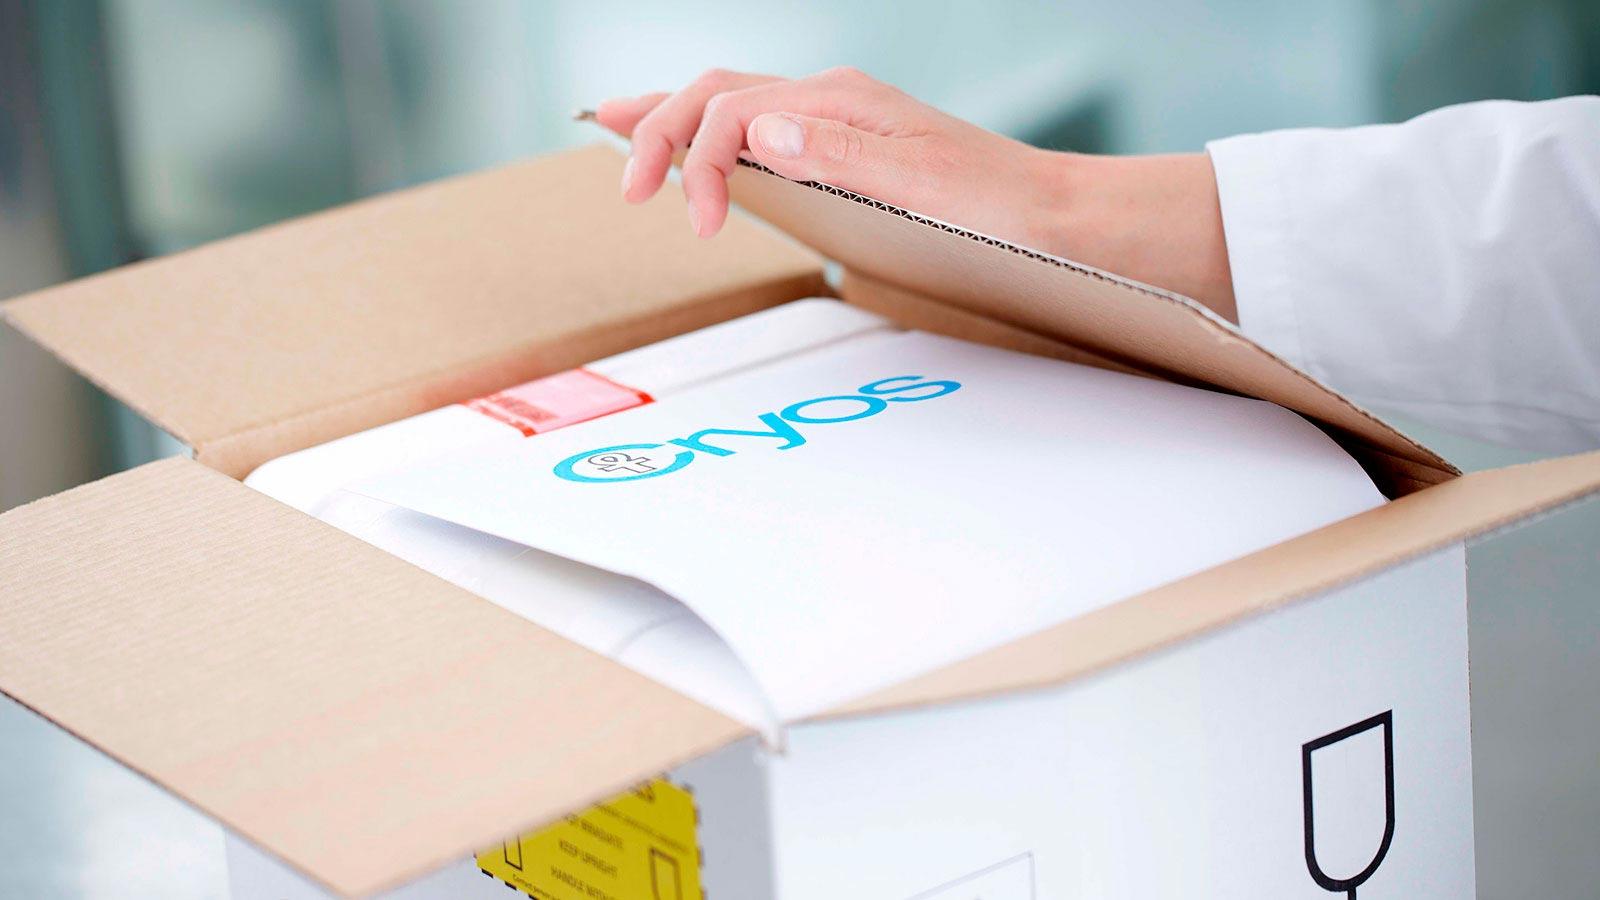 Empregado da Cryos que prepara um recipiente de gelo seco para envio do esperma de um doador a um cliente